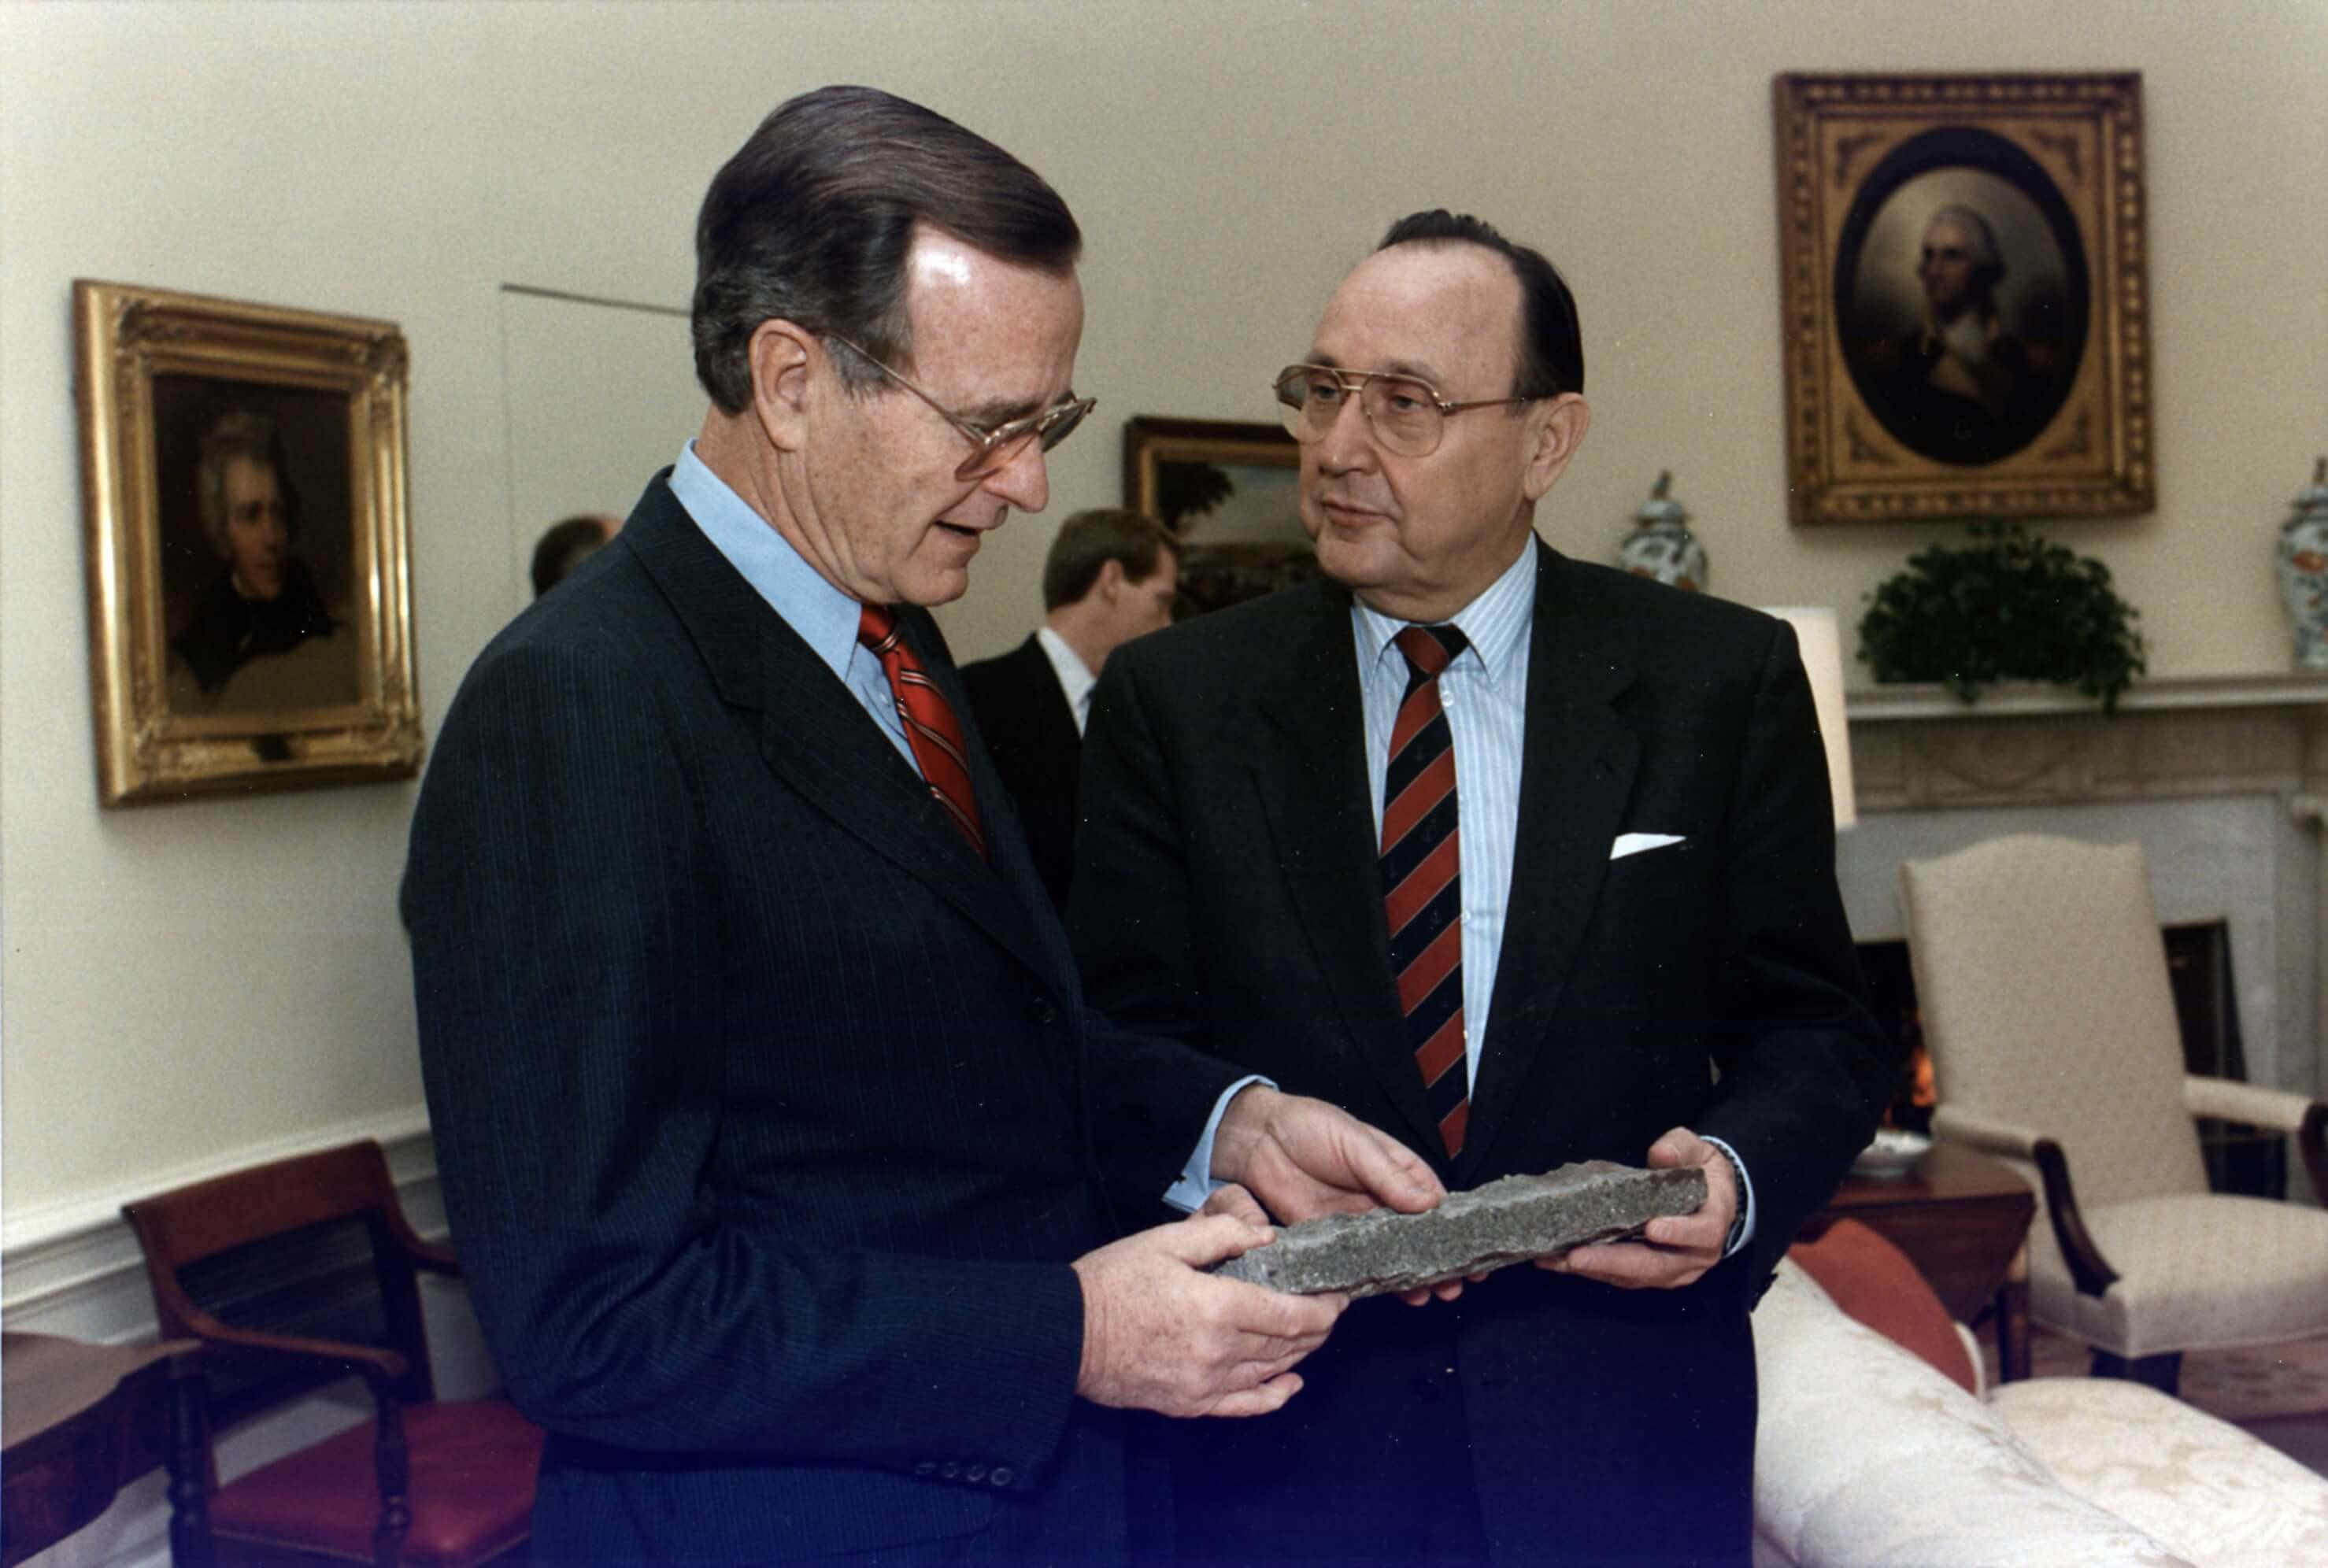 De toenmallige Amerikaanse president Bush (sr) ontvangt een stuk Berlijnse Muur van de West-Duitse minister Genscher in Washington op 21 november 1989. © Wikimedia Commons